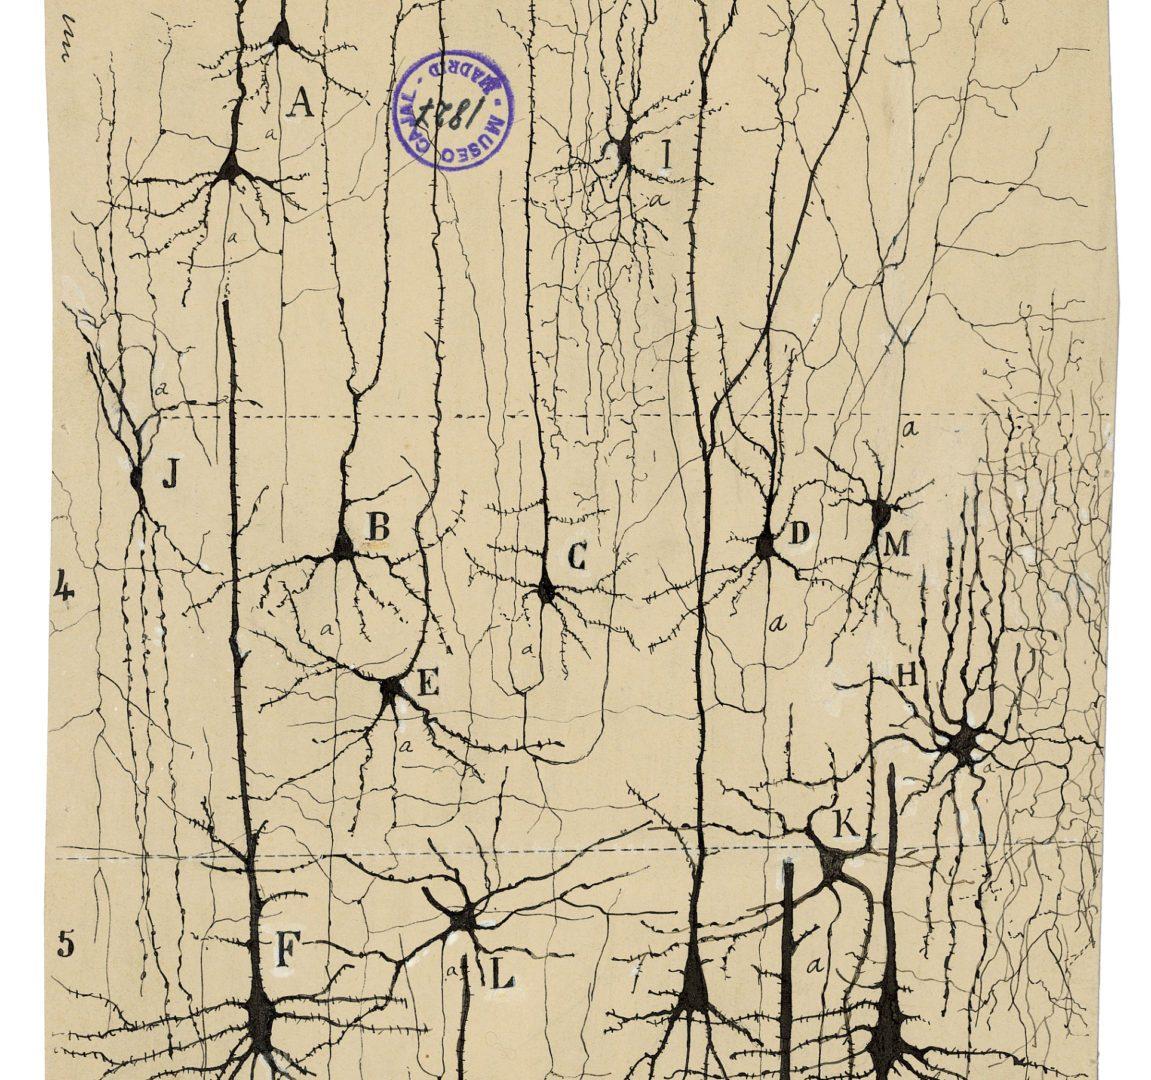 pyrimidal neurons